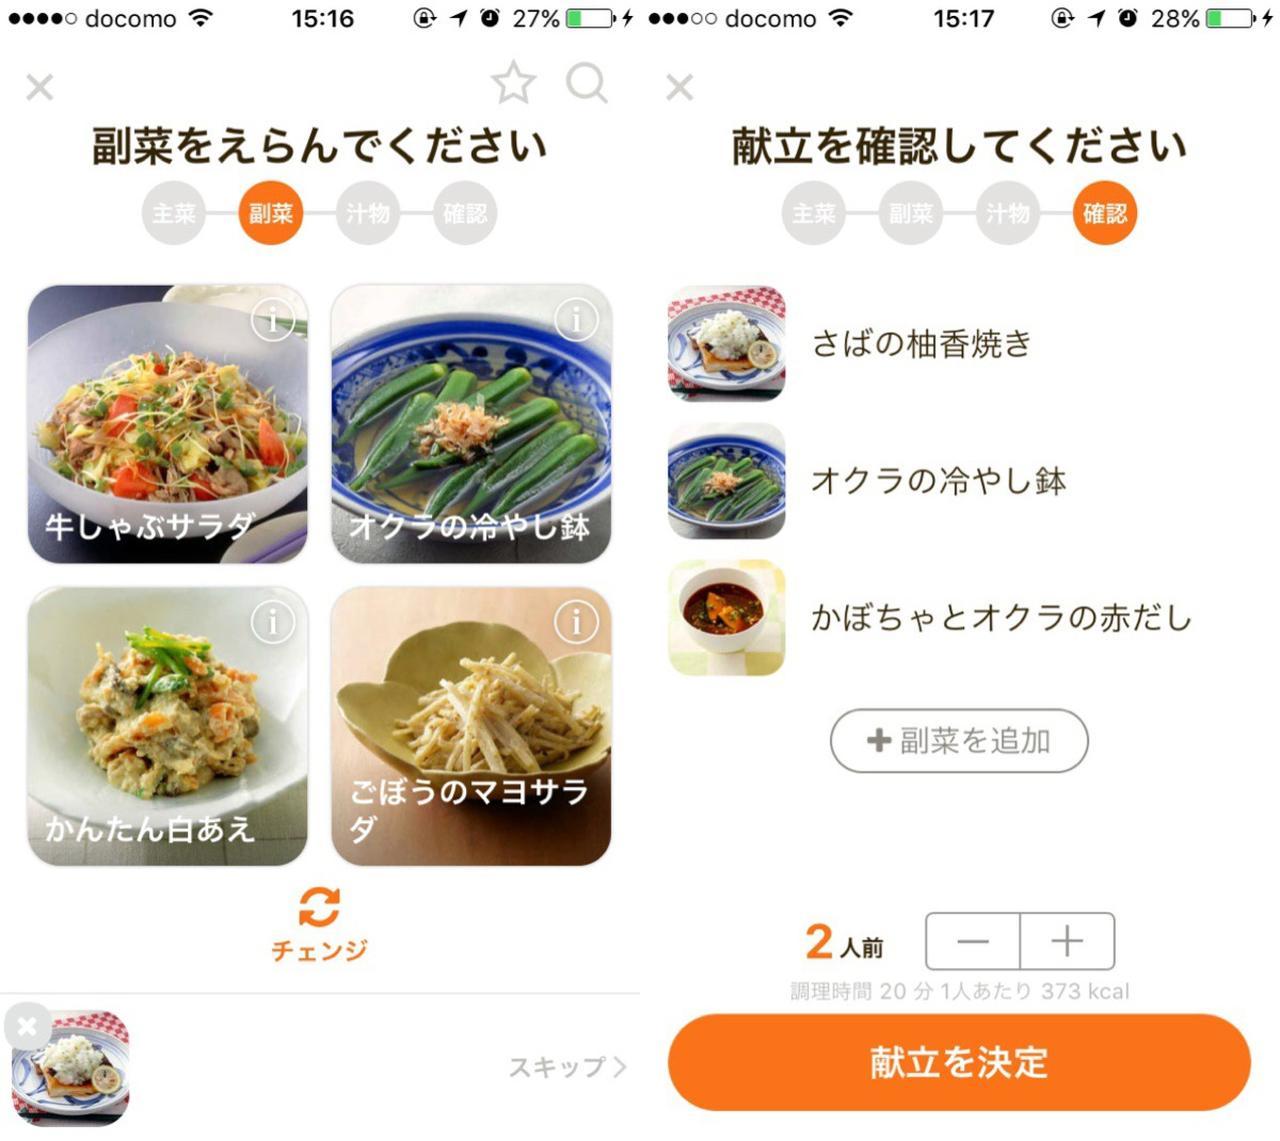 画像2: 気になる料理をポンポン選ぶだけで簡単に献立が作れちゃう!